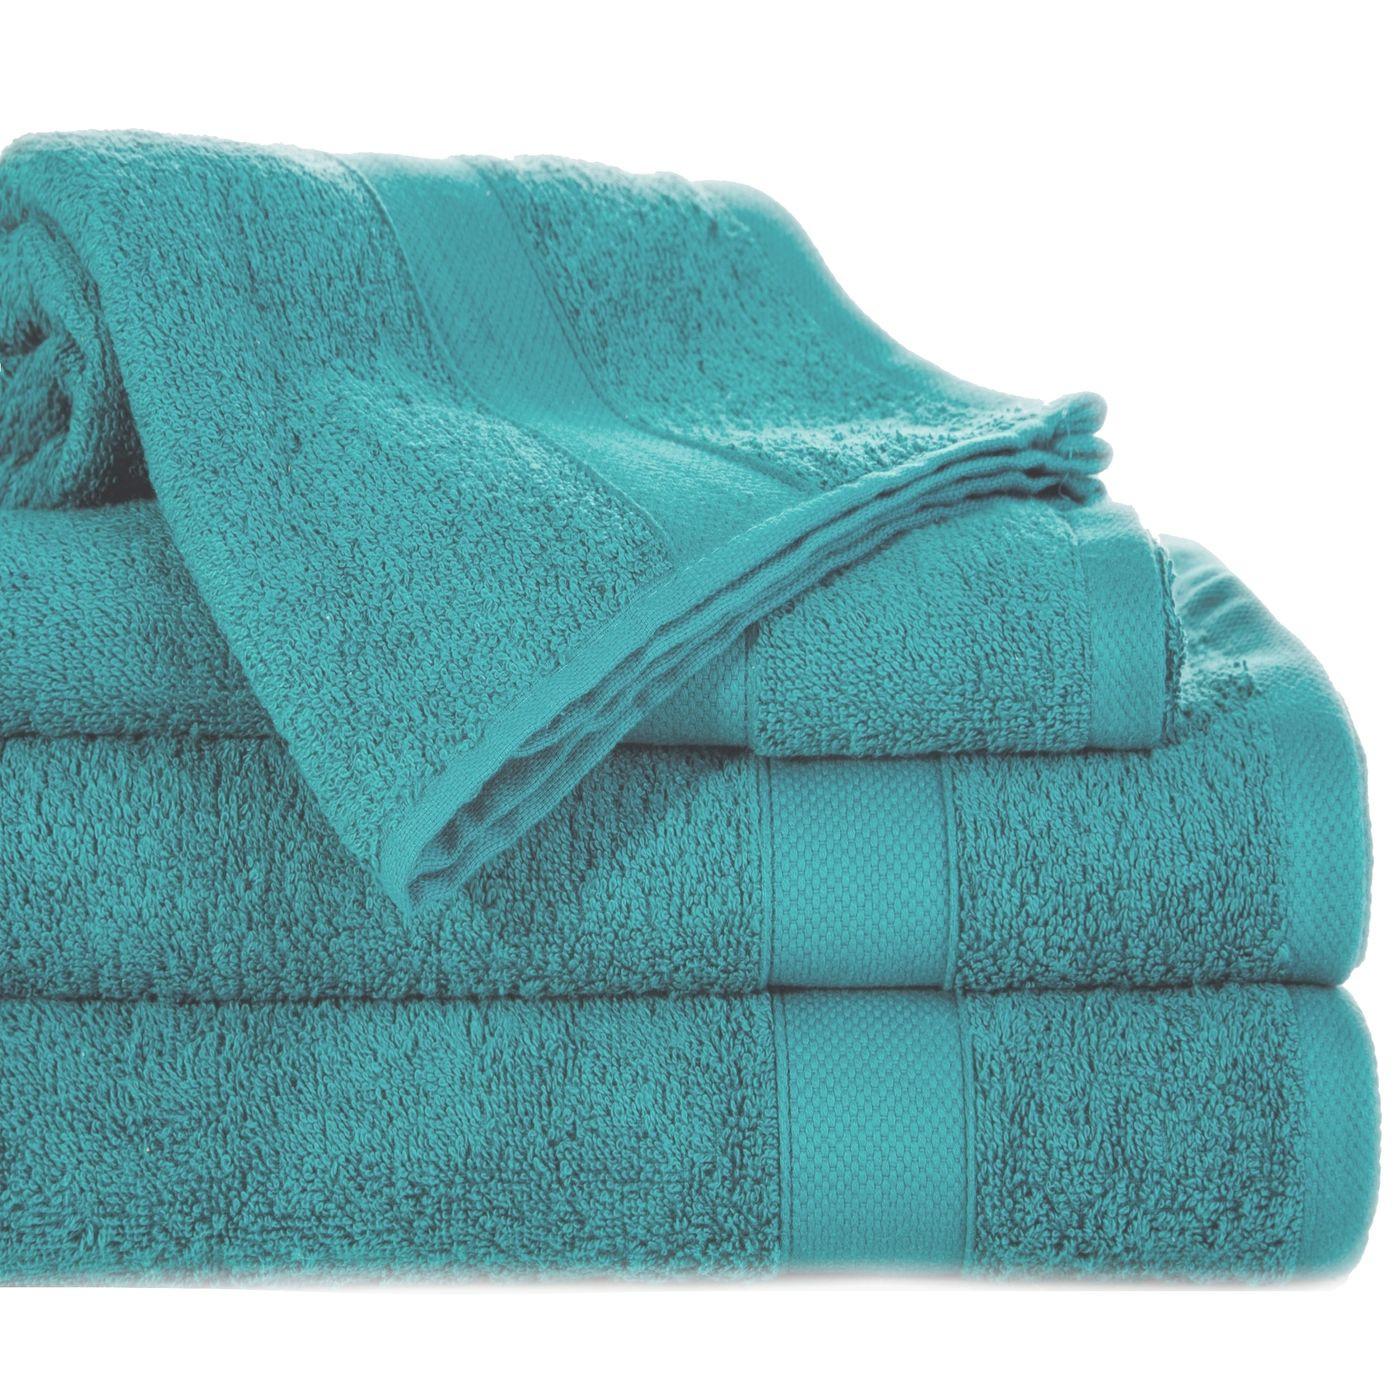 Miękki chłonny ręcznik kąpielowy turkusowy 70x140